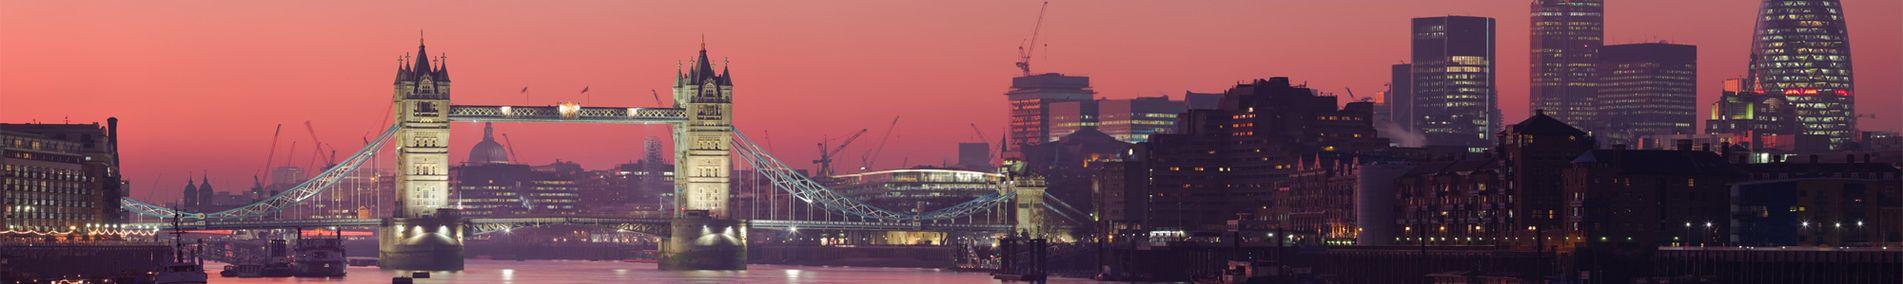 london_slider